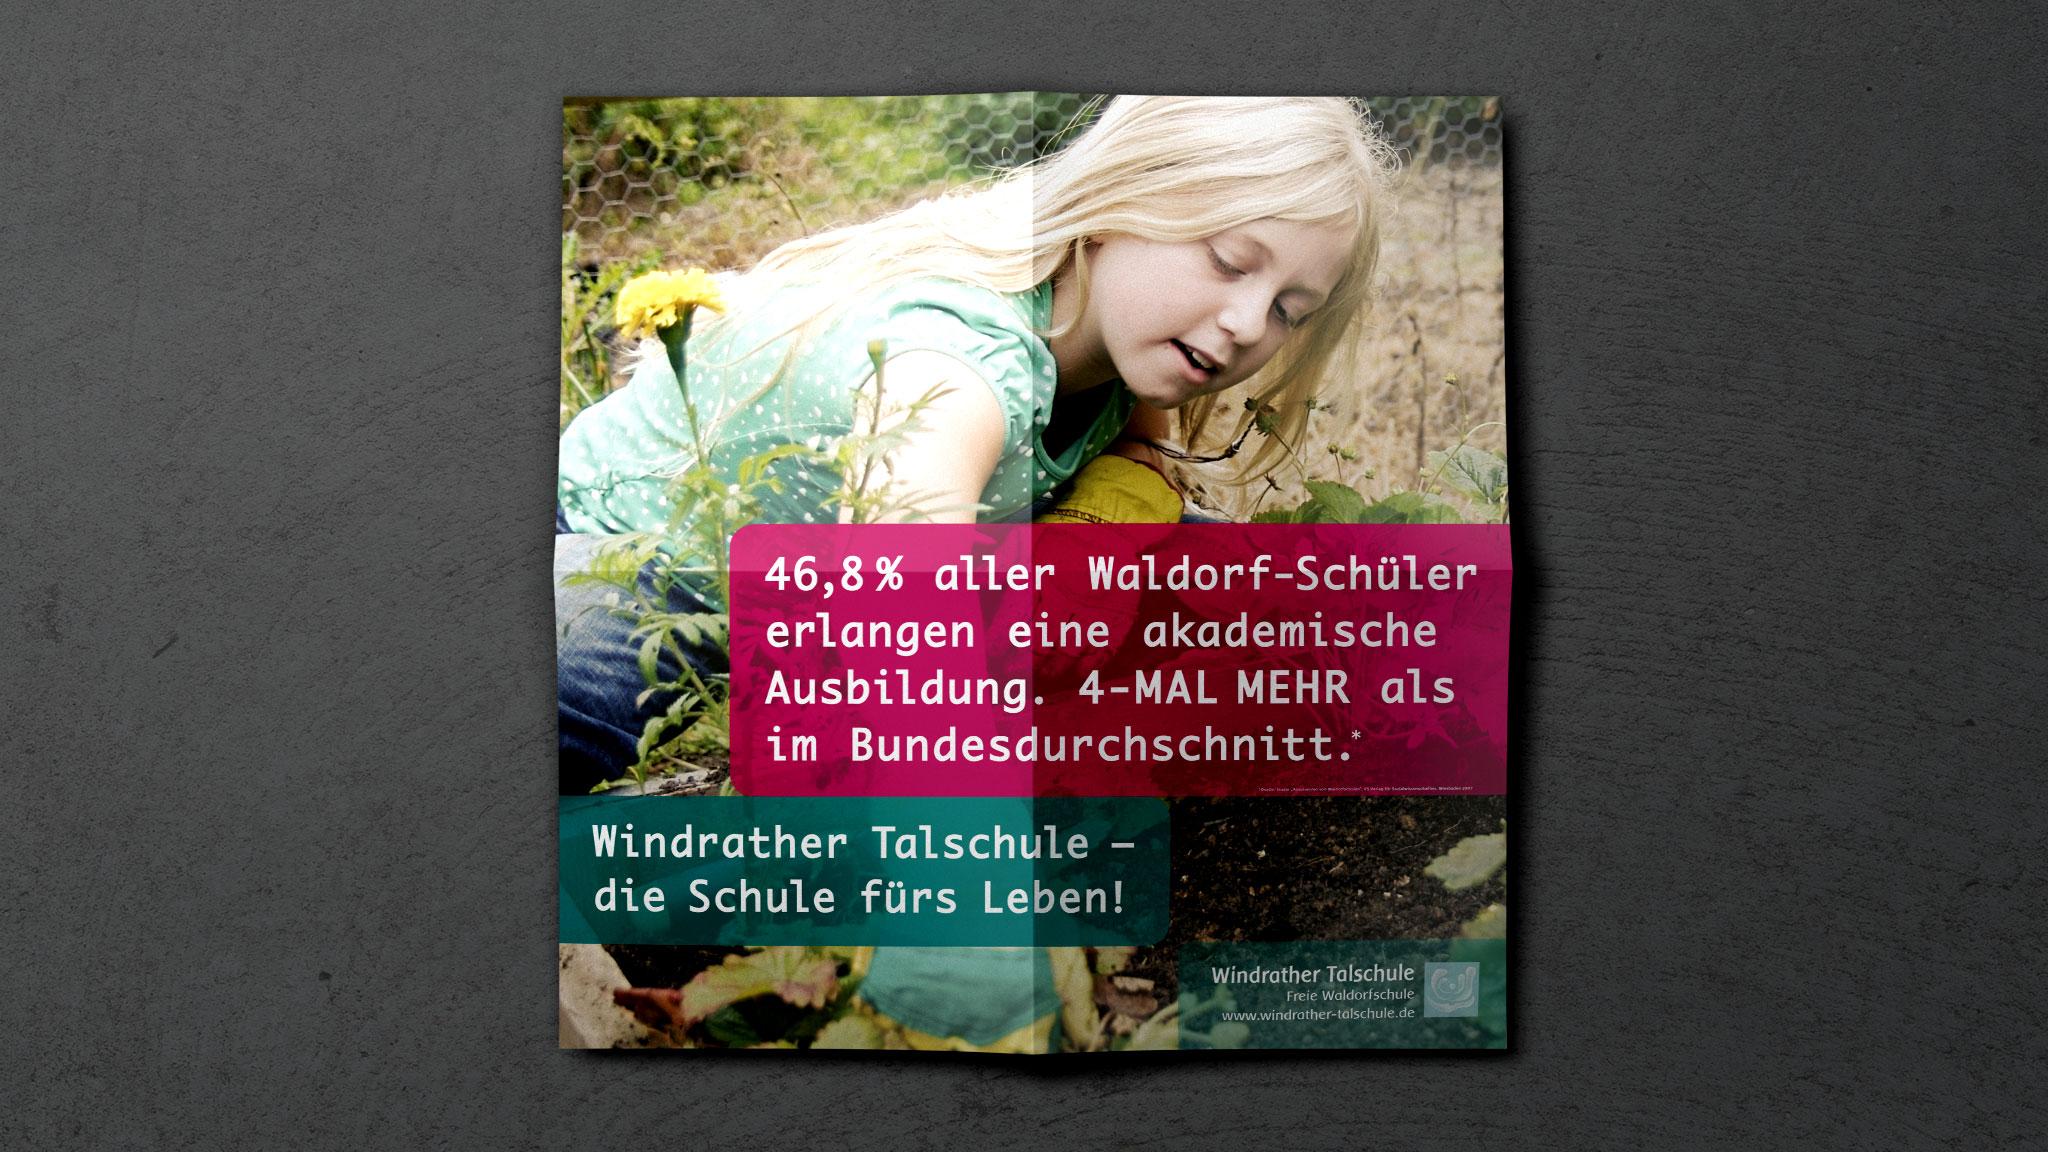 Kampagnen-Plakat für eine Waldorfschule